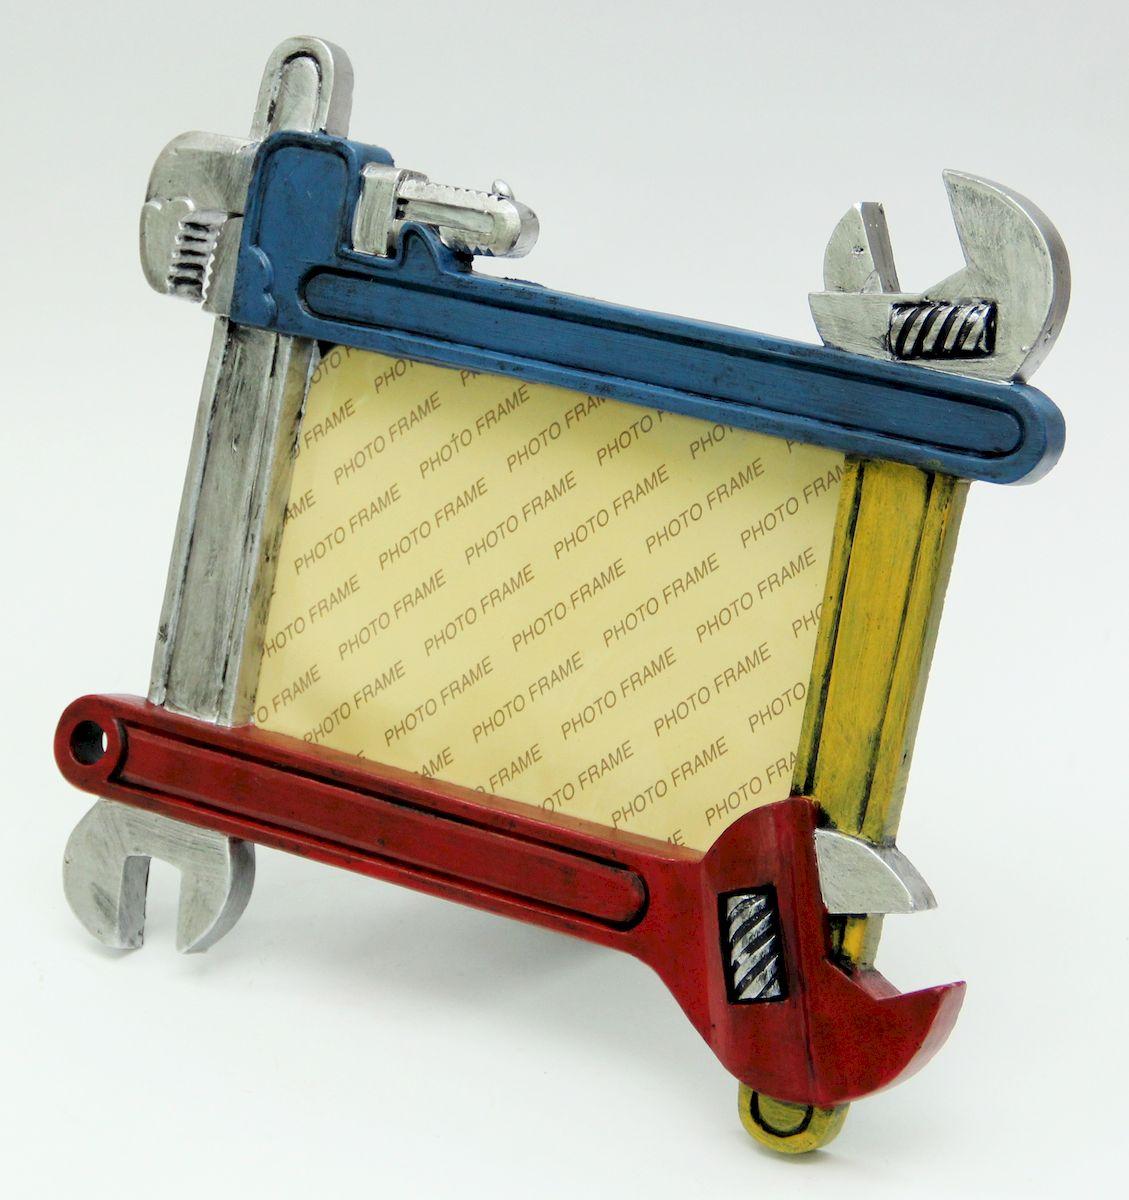 Фоторамка декоративная Magic Home Гаечные ключи. 4107641076Оригинальная фоторамка непременно понравится любому мужчине. Рамку образуют декоративные гаечный, газовый и разводные ключи, изговтоленные из полирезина. Ярка фоторамка станет приятным и забавным подарком другу, коллеге и близкому человеку.